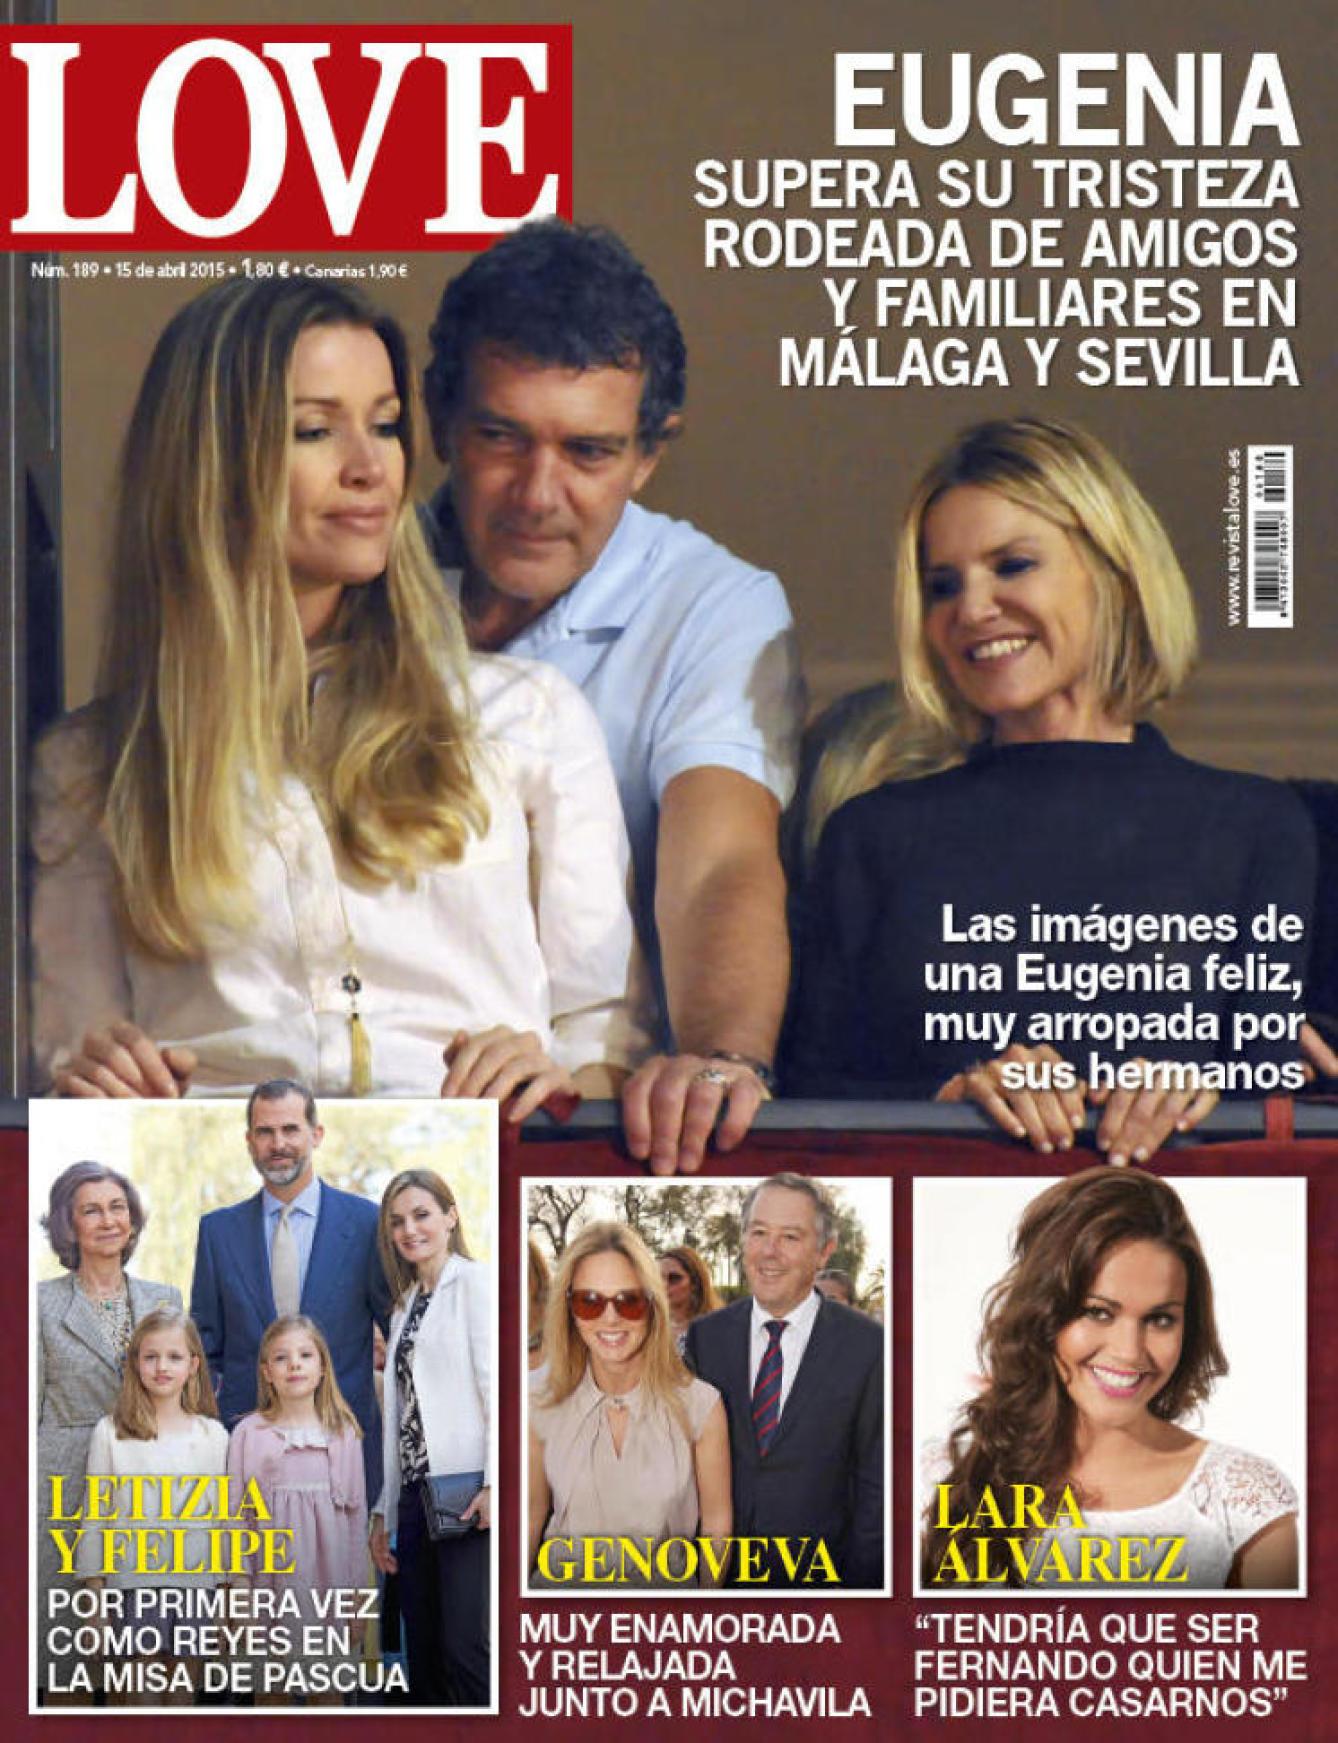 LOVE portada 8 de Abril 2015